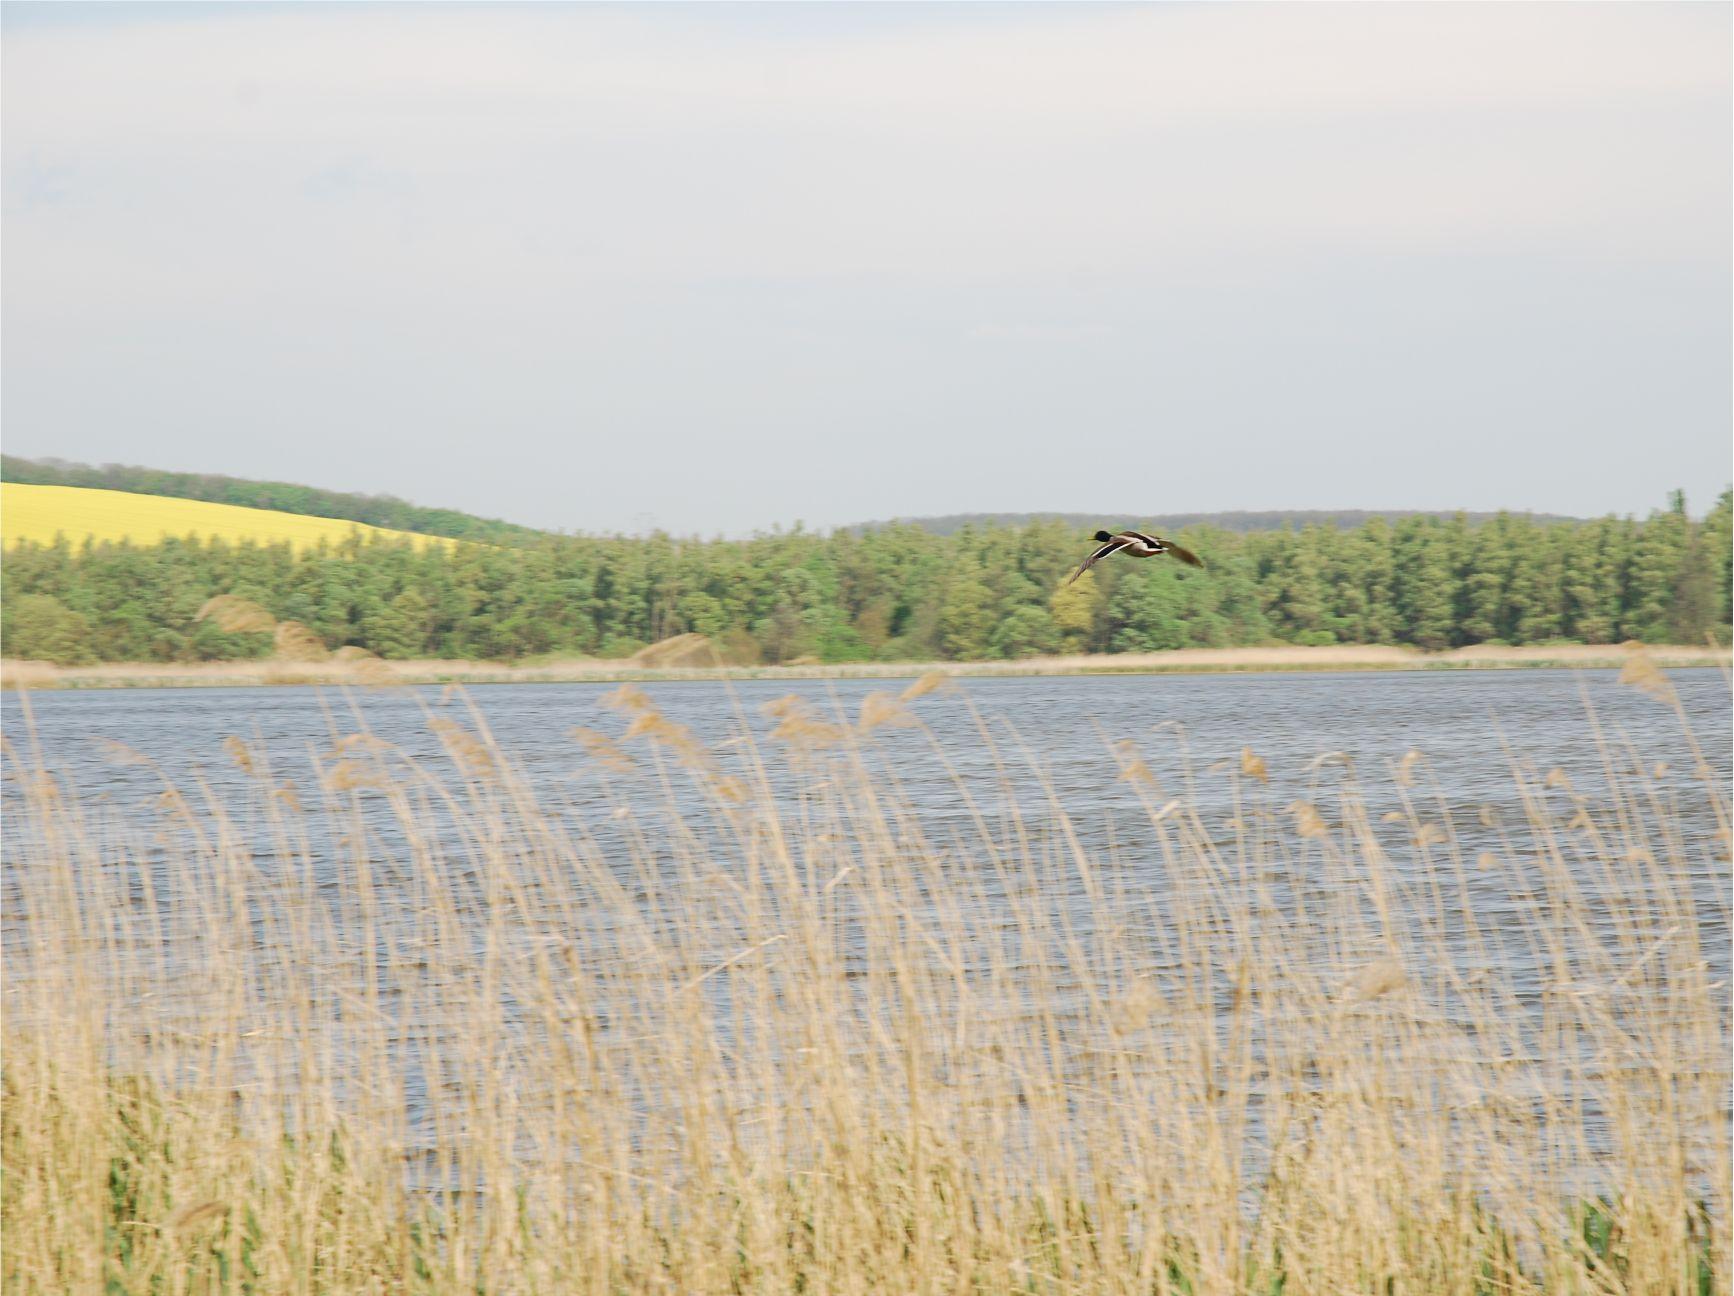 Kirándulások, nyaralások alkalmával különleges élményben lehet részed, ha egy reggeli sétát teszel a közeli vízparton.